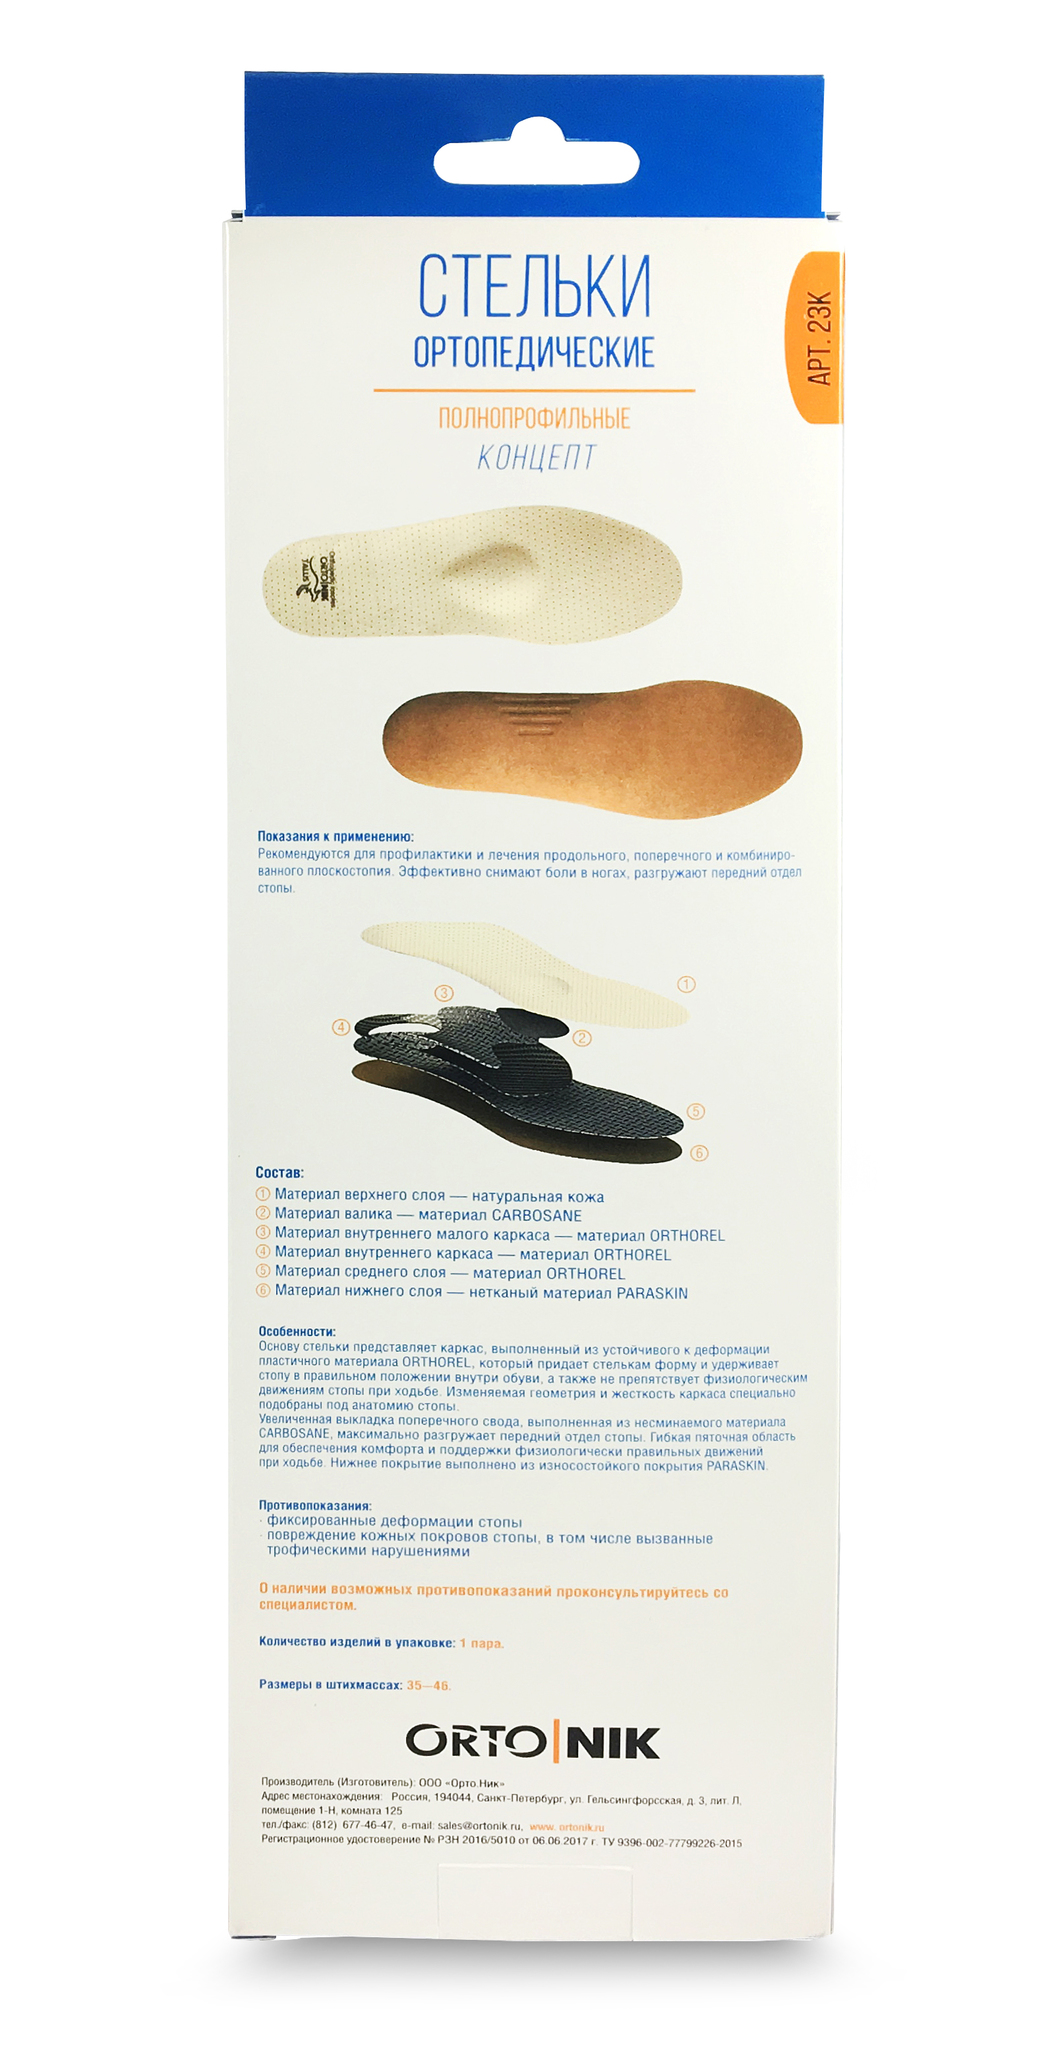 Тонкие каркасные стельки для лечения всех видов плоскостопия 1-3 степени